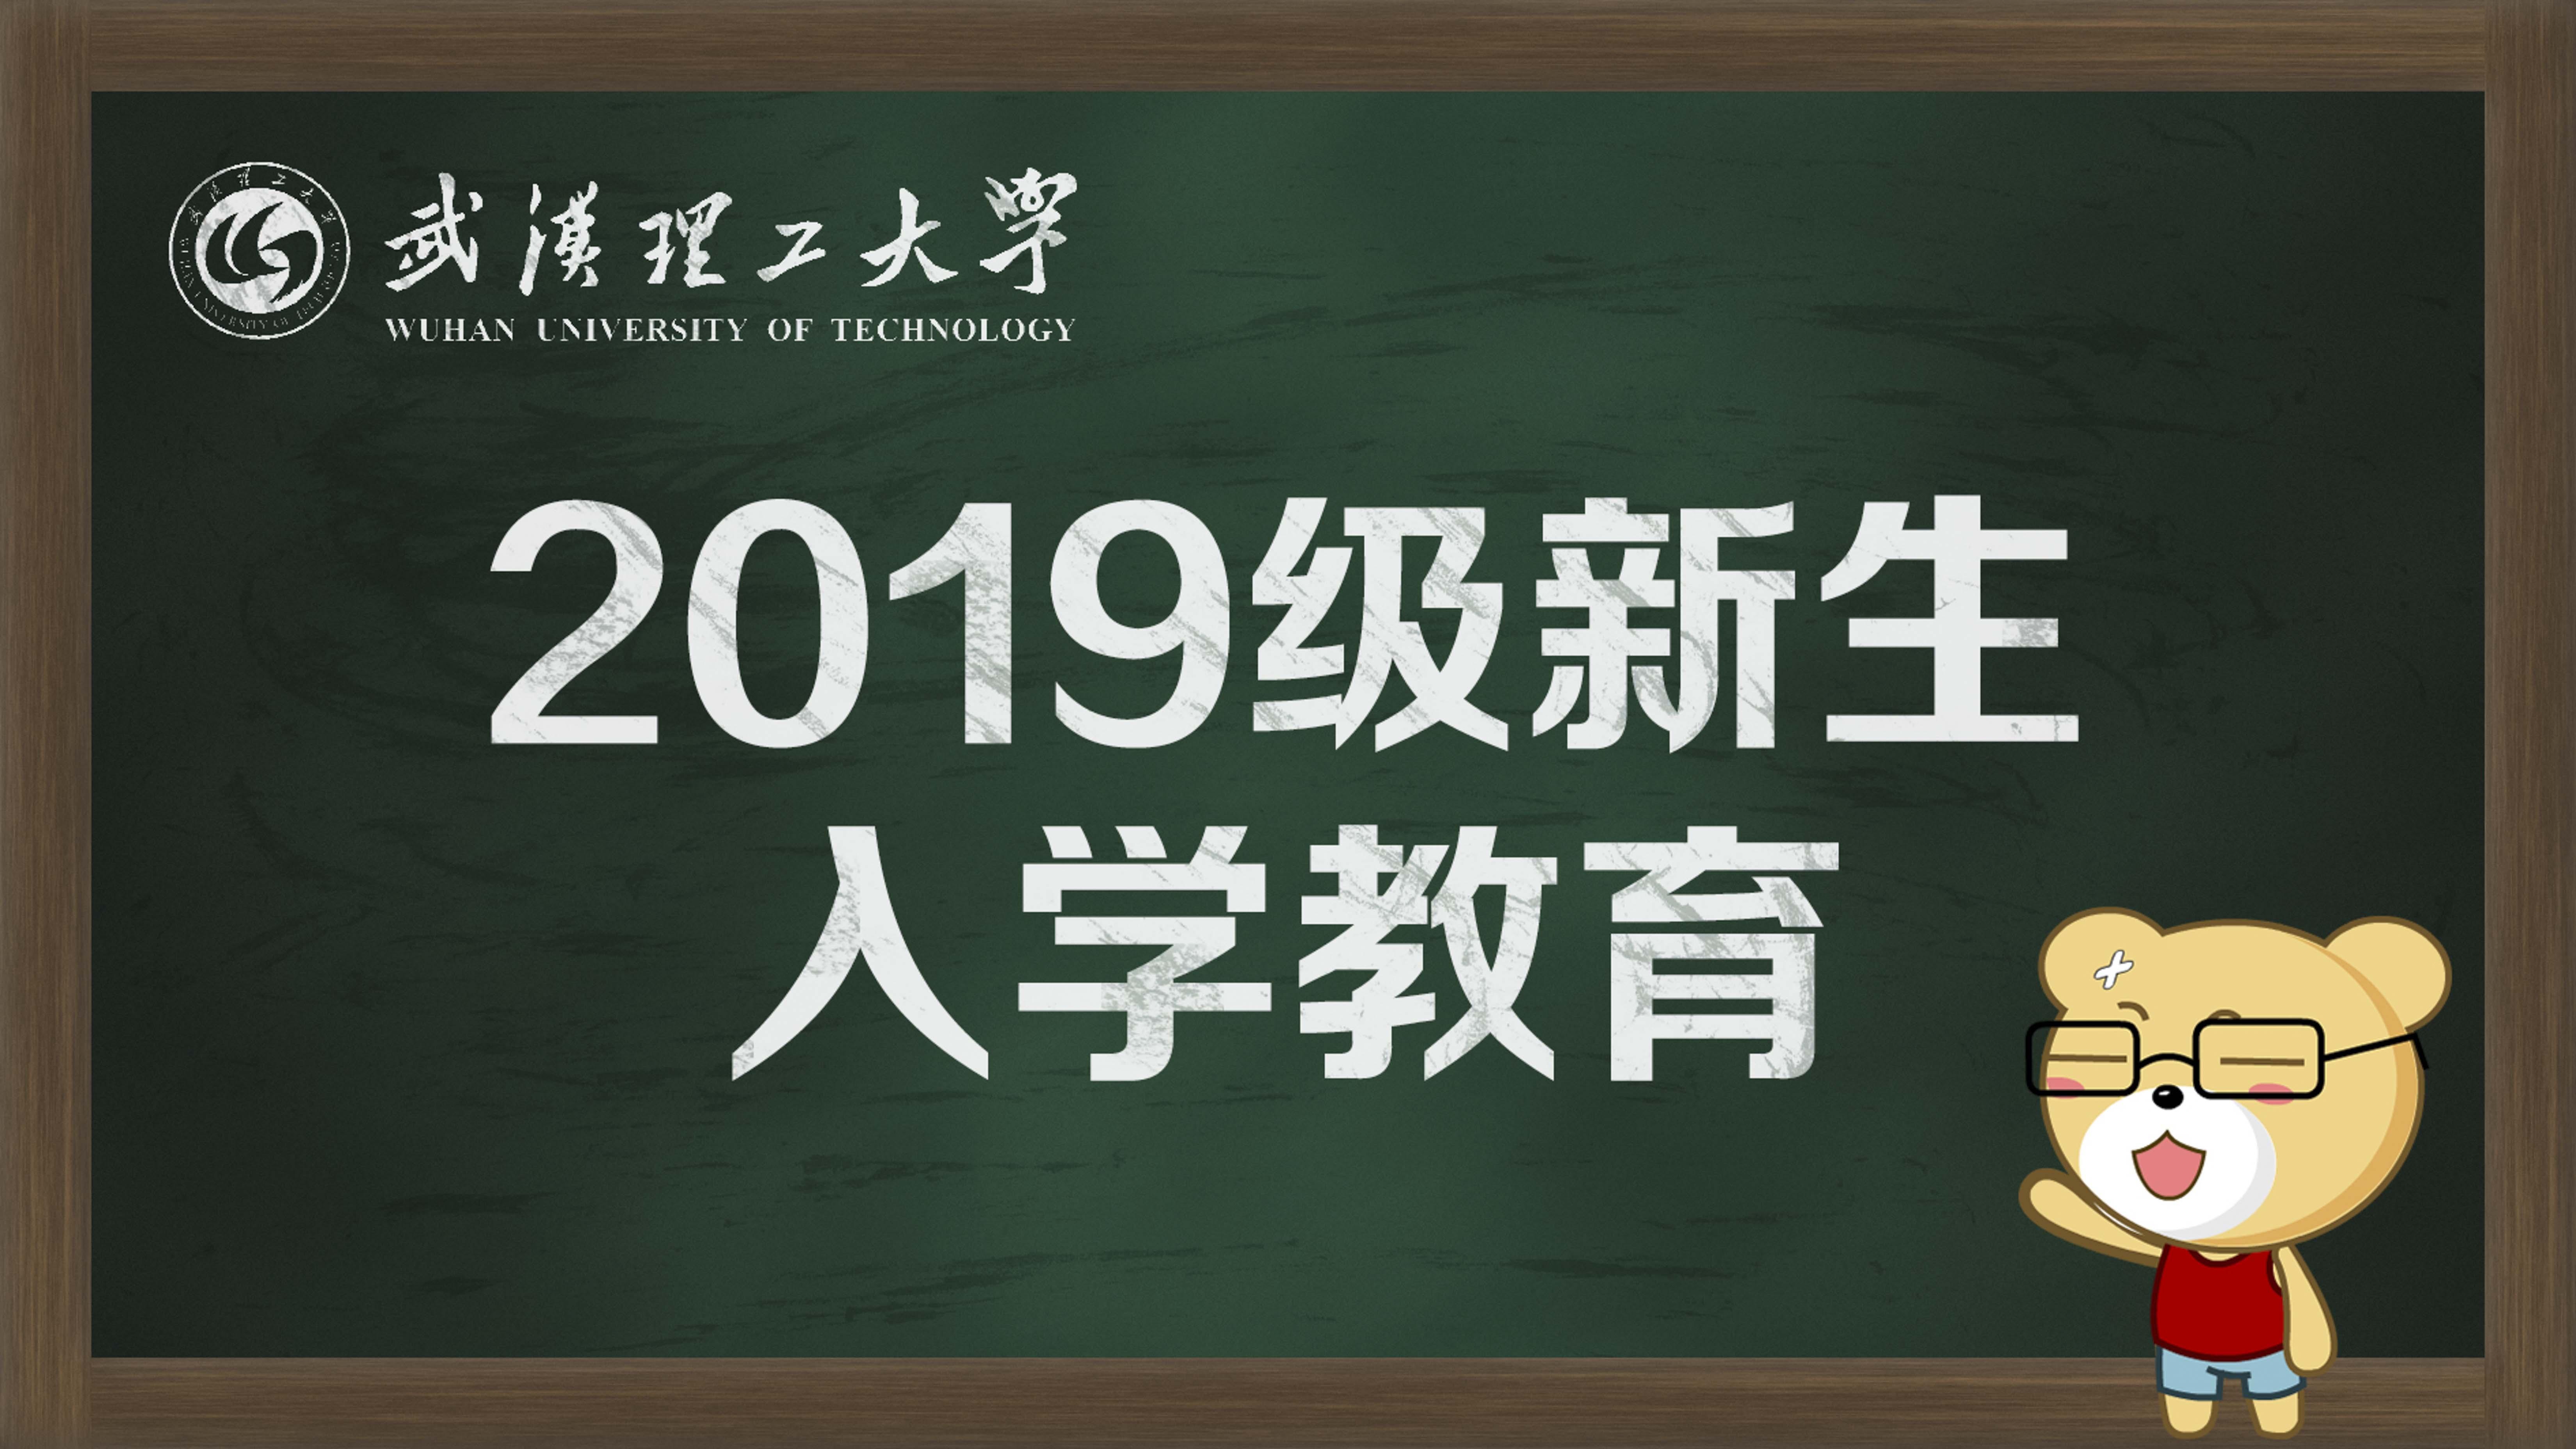 武汉理工大学2019级新生入学教育专题